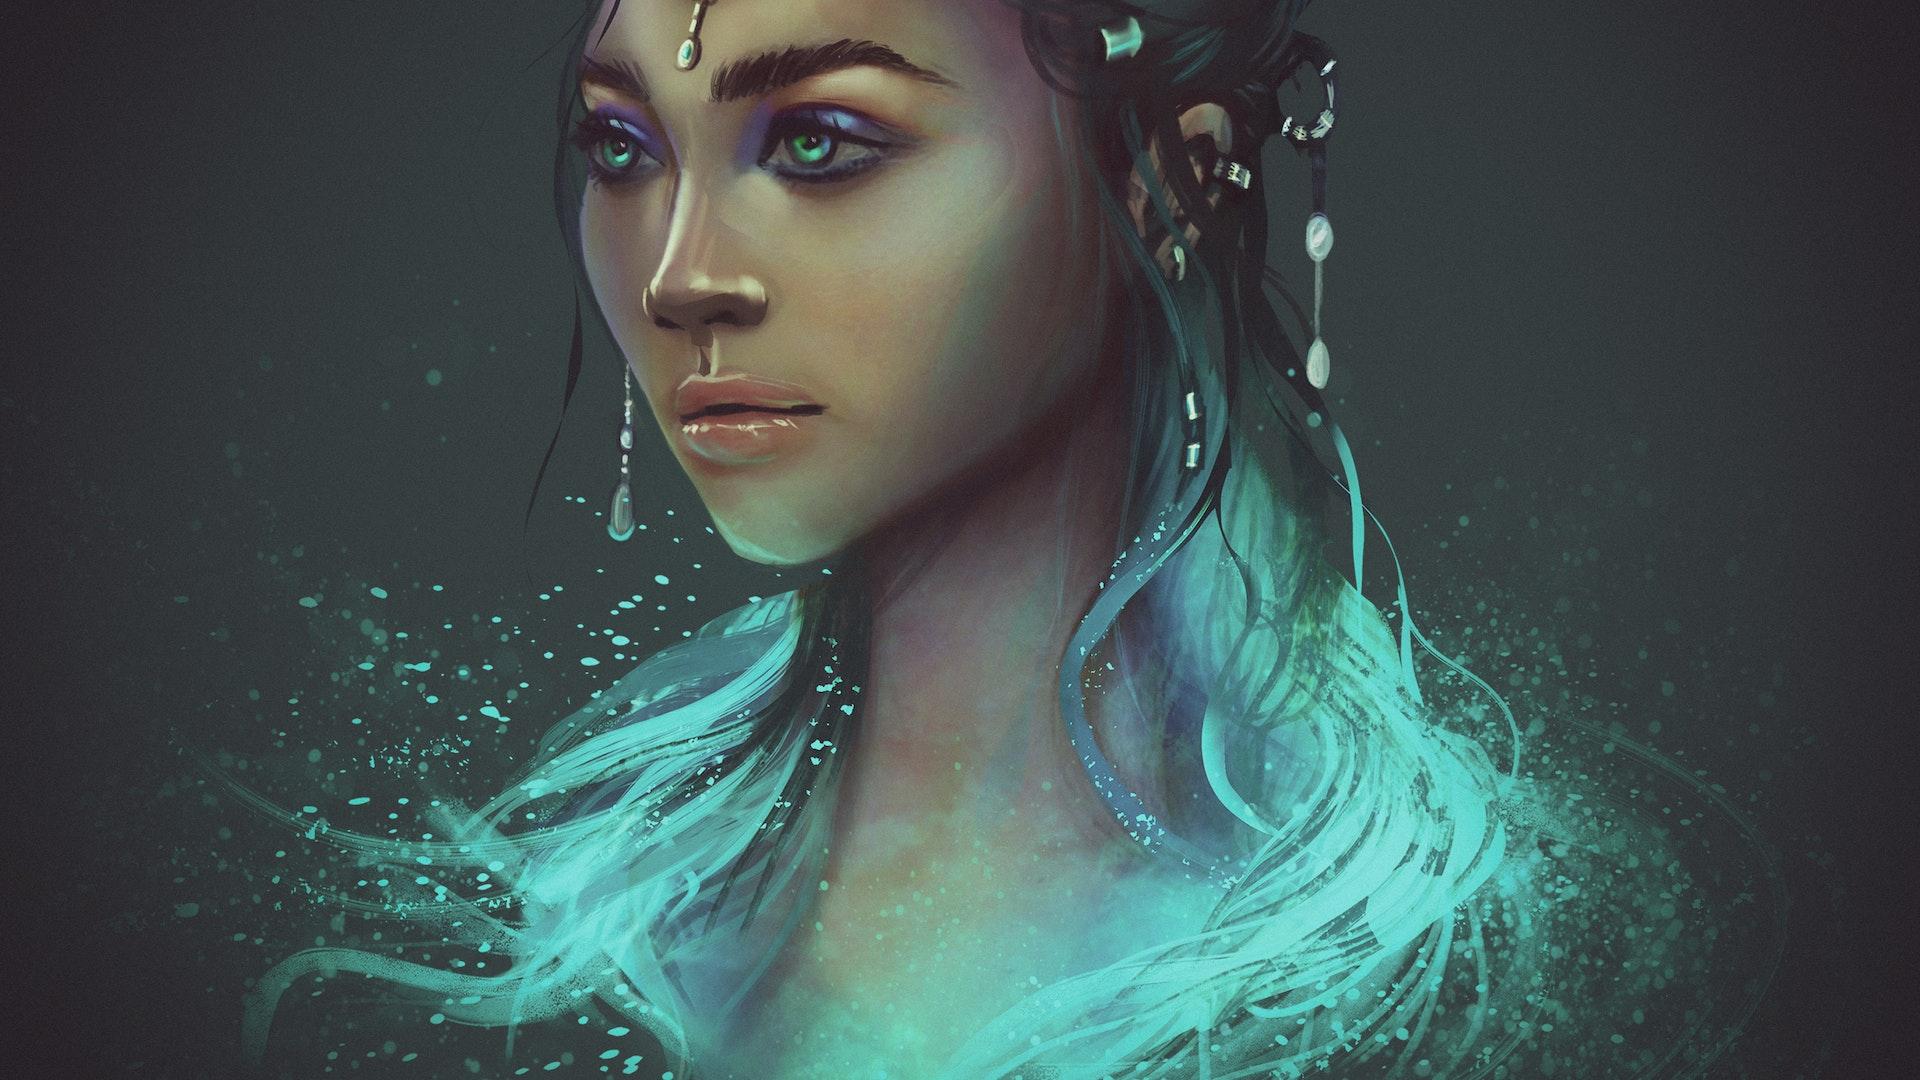 MermaidConcept